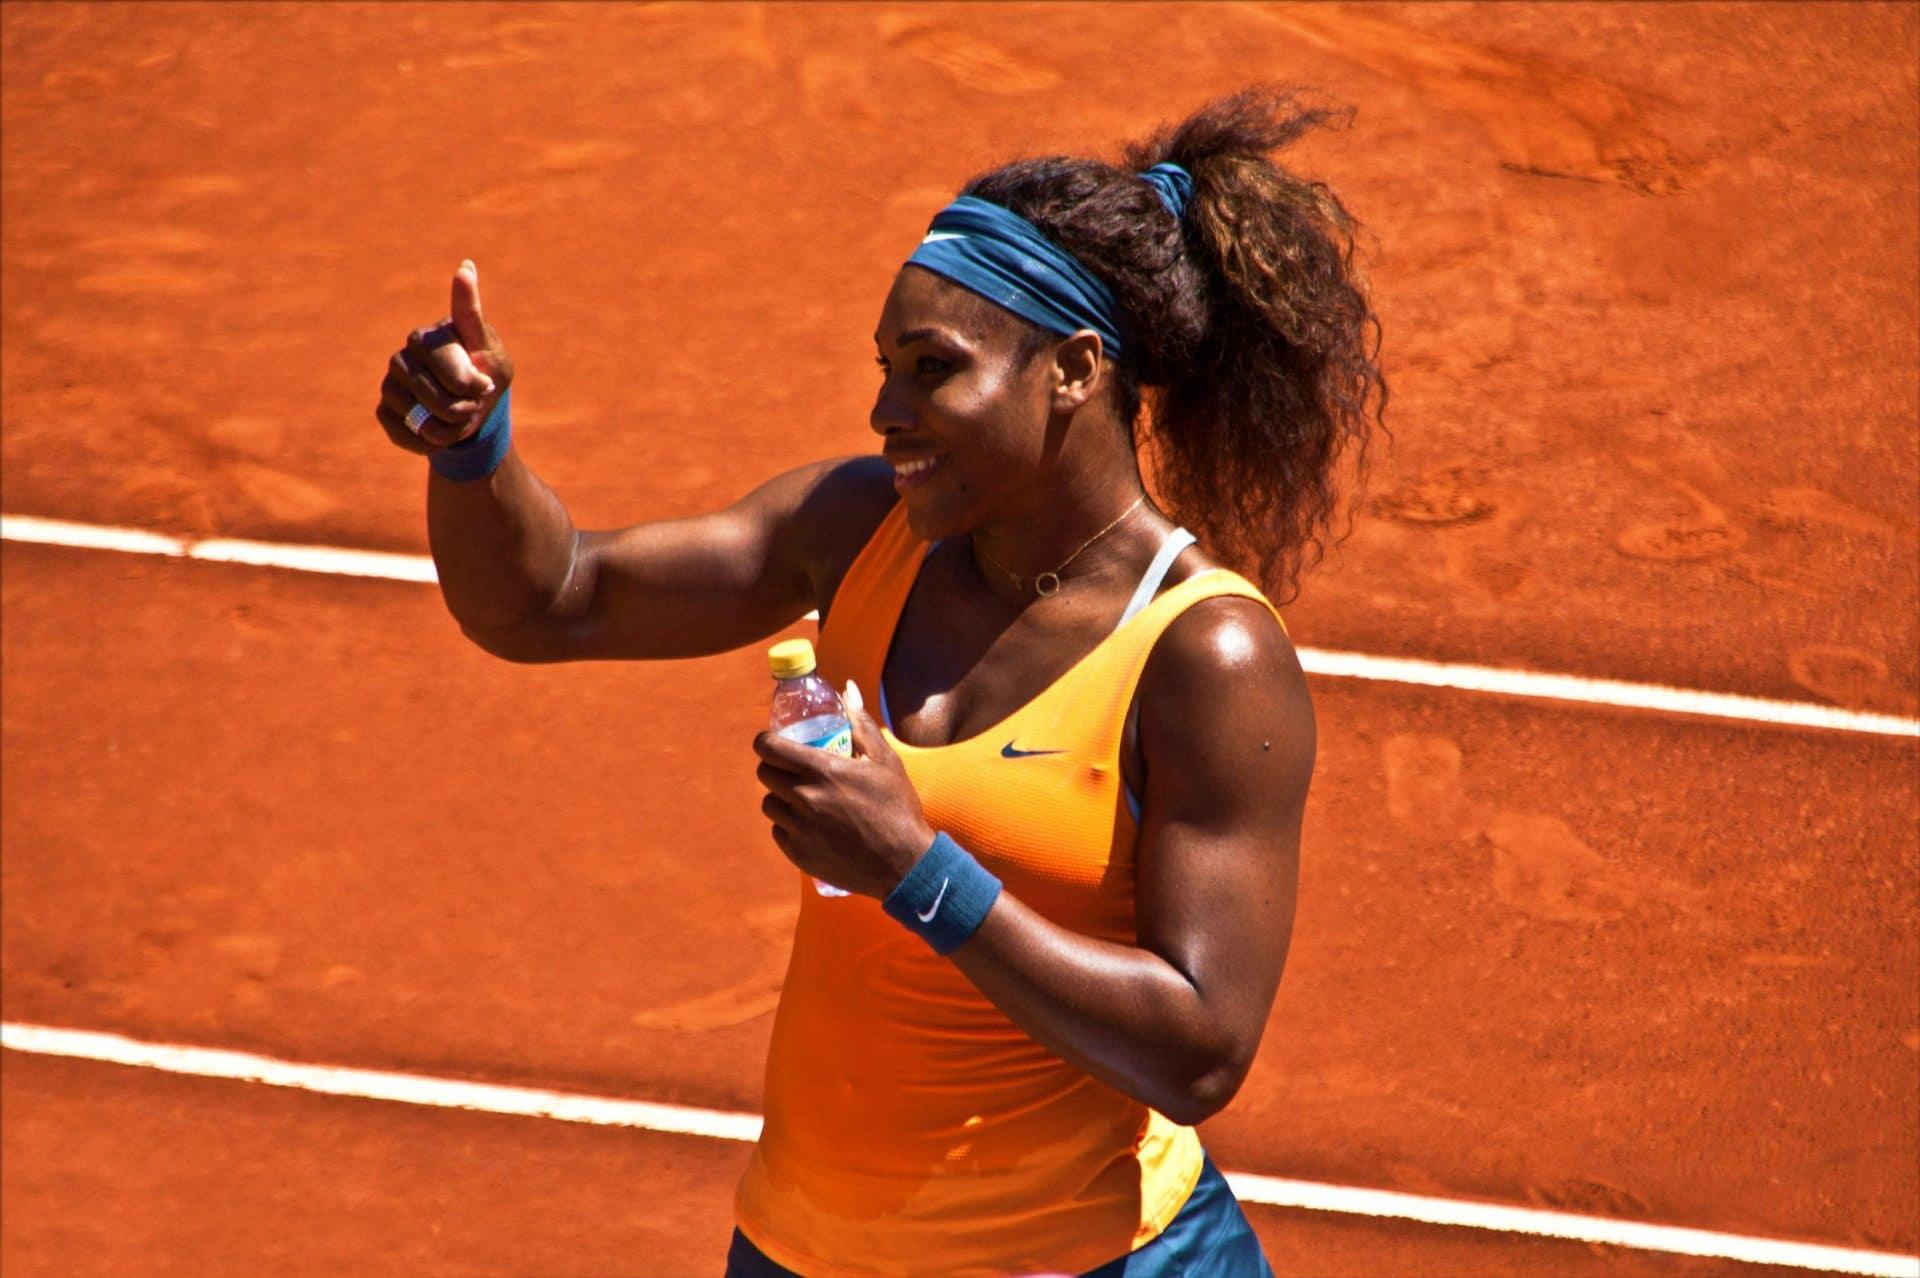 Roland Garros Calendario.Roland Garros 2019 Tabellone Femminile Calendario Open